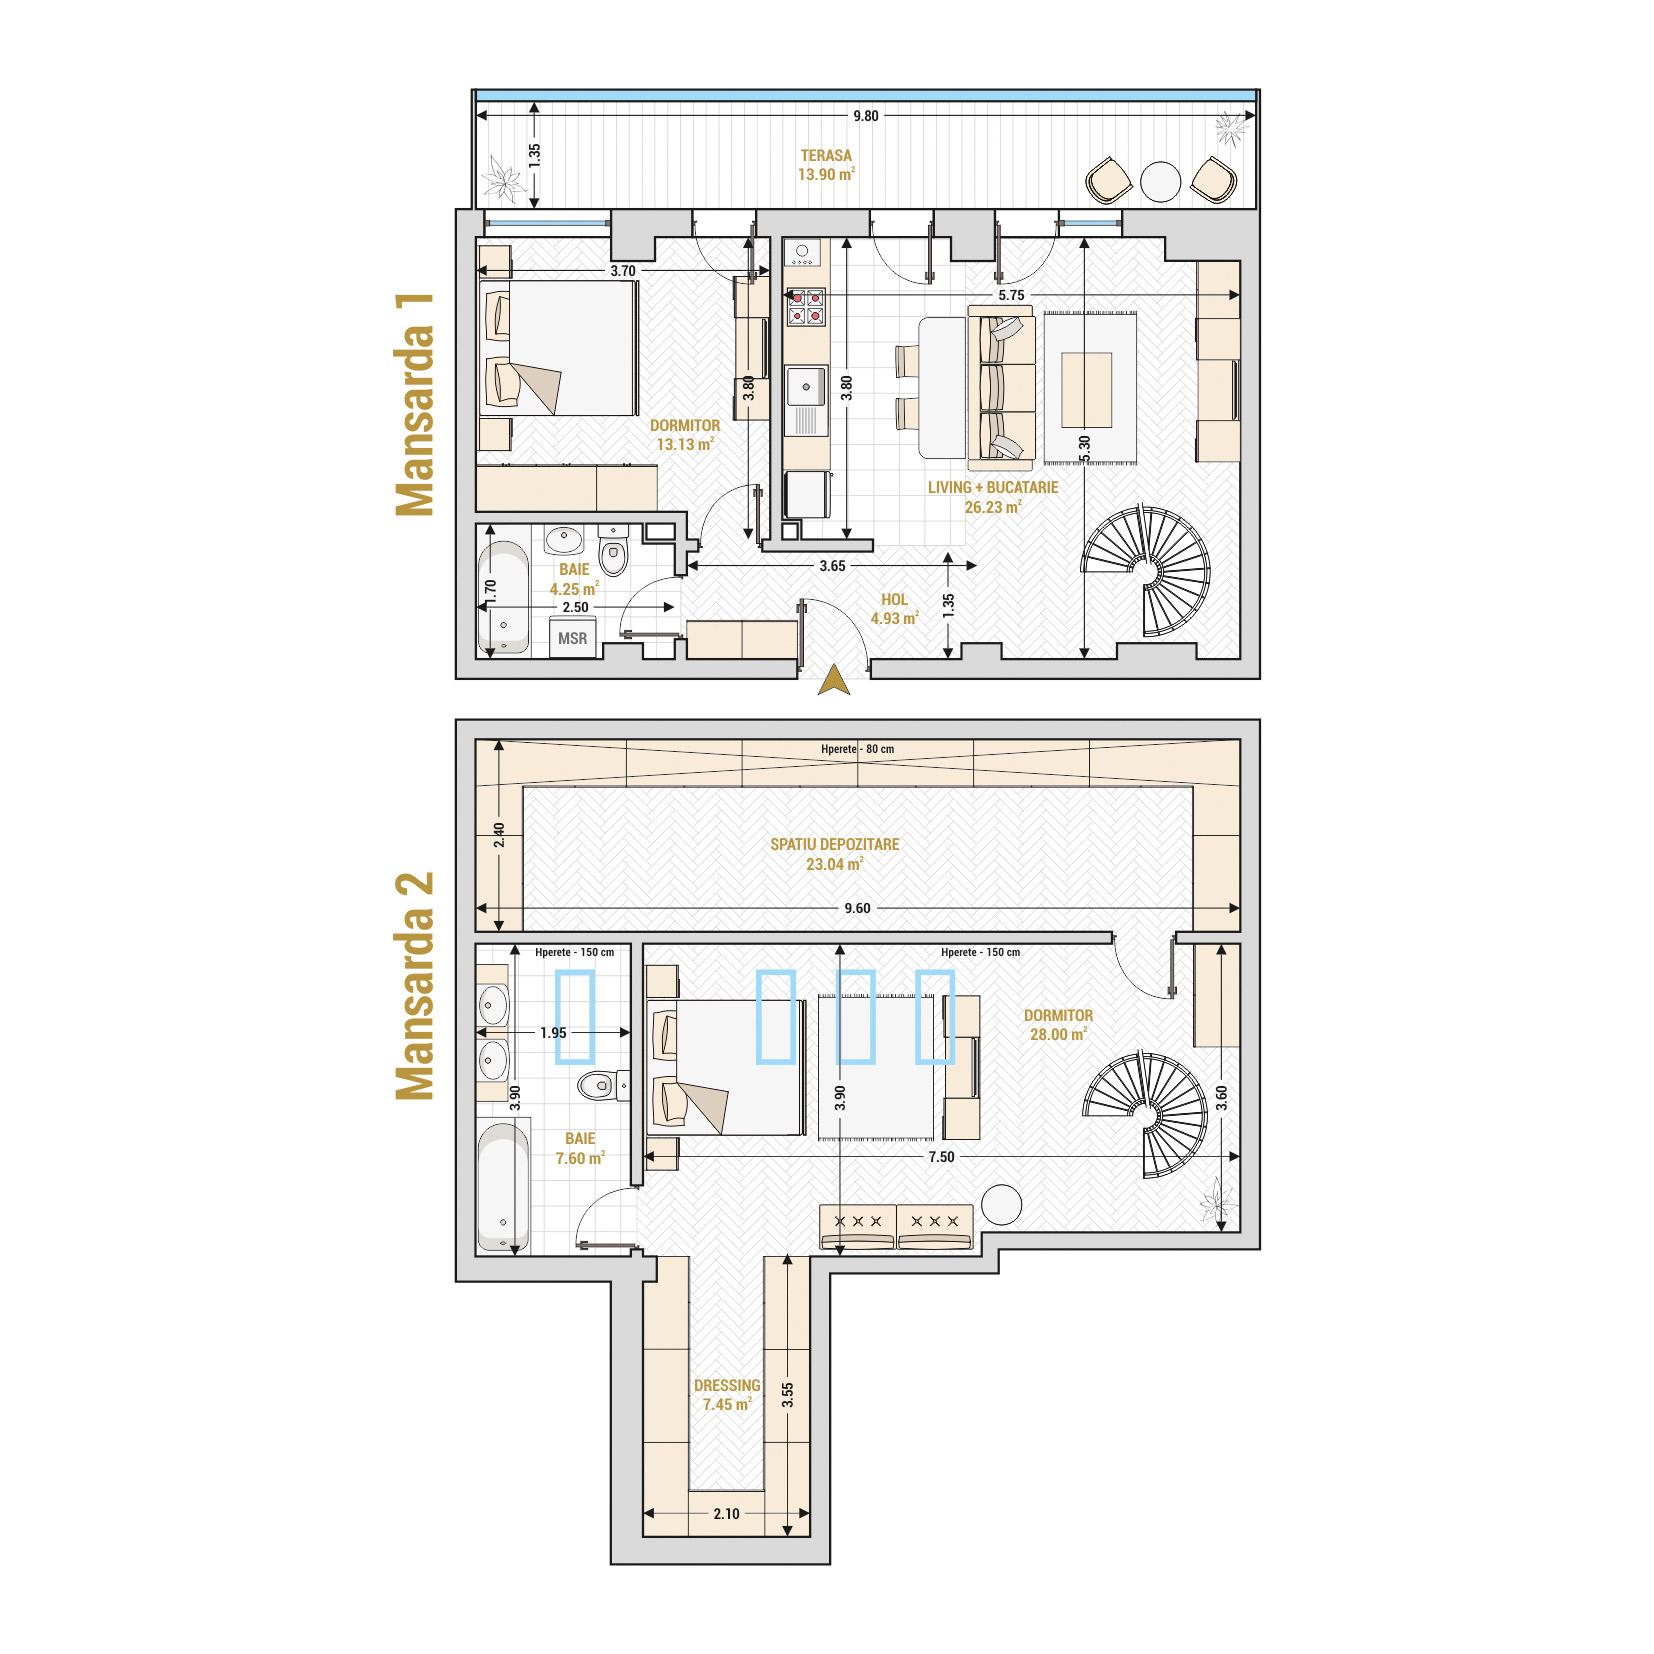 Duplex-3-Camere-Gheorghieni-Marriott-Unirii-13-Septembrie-Izvor-Catedrala-Mantuirii-Neamului-T2A